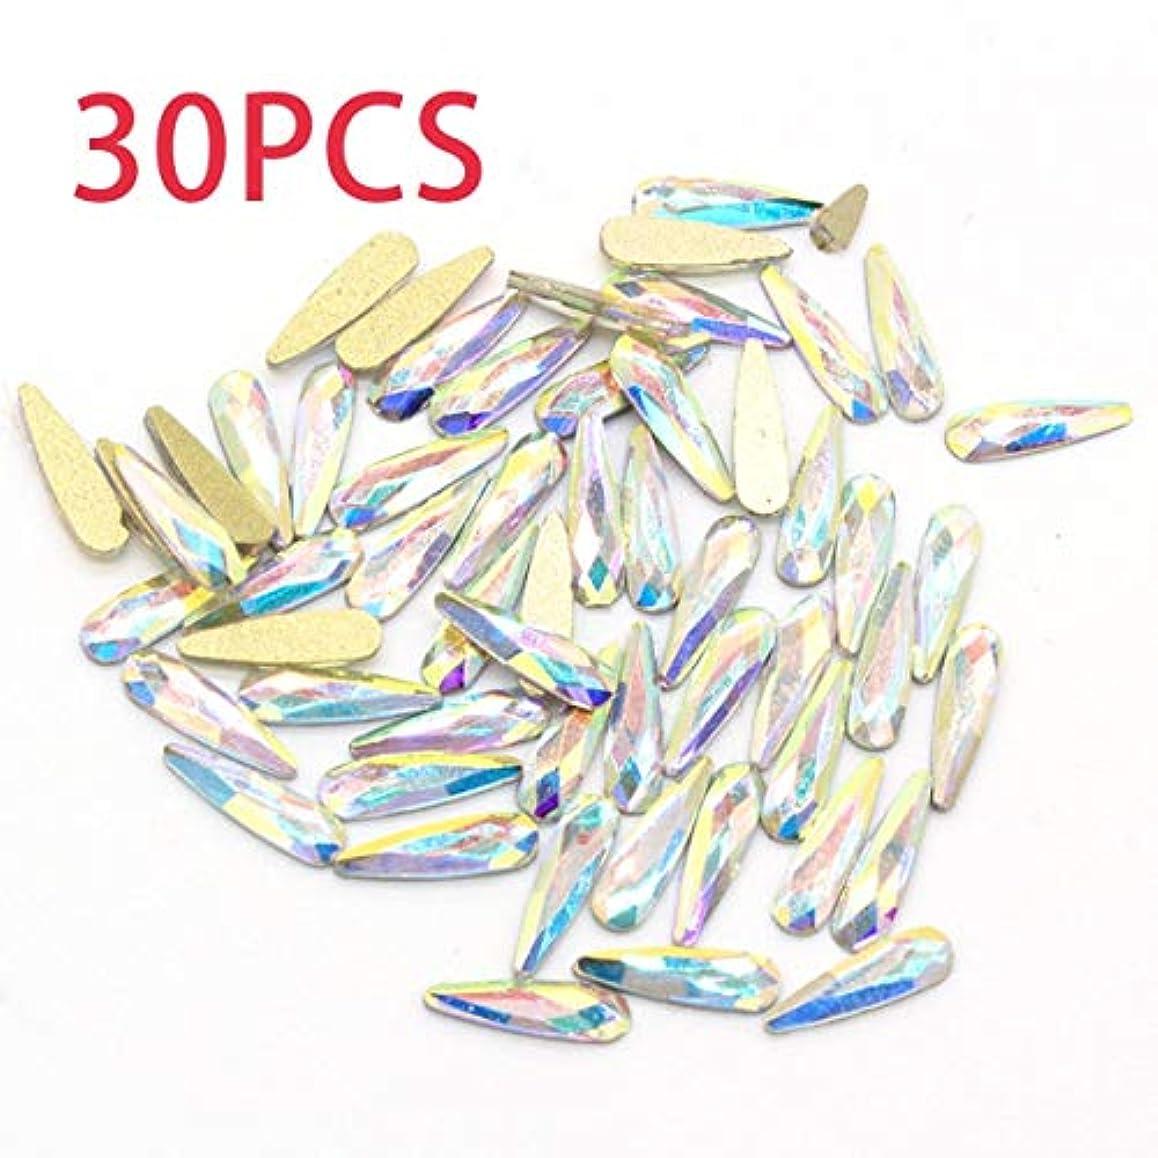 民主党お気に入りれんがBirdlanternネイルクリスタル宝石用釘3Dネイルアートの装飾フラットバックドロップガラスストラスストーンジュエリーABダイヤモンドDIY